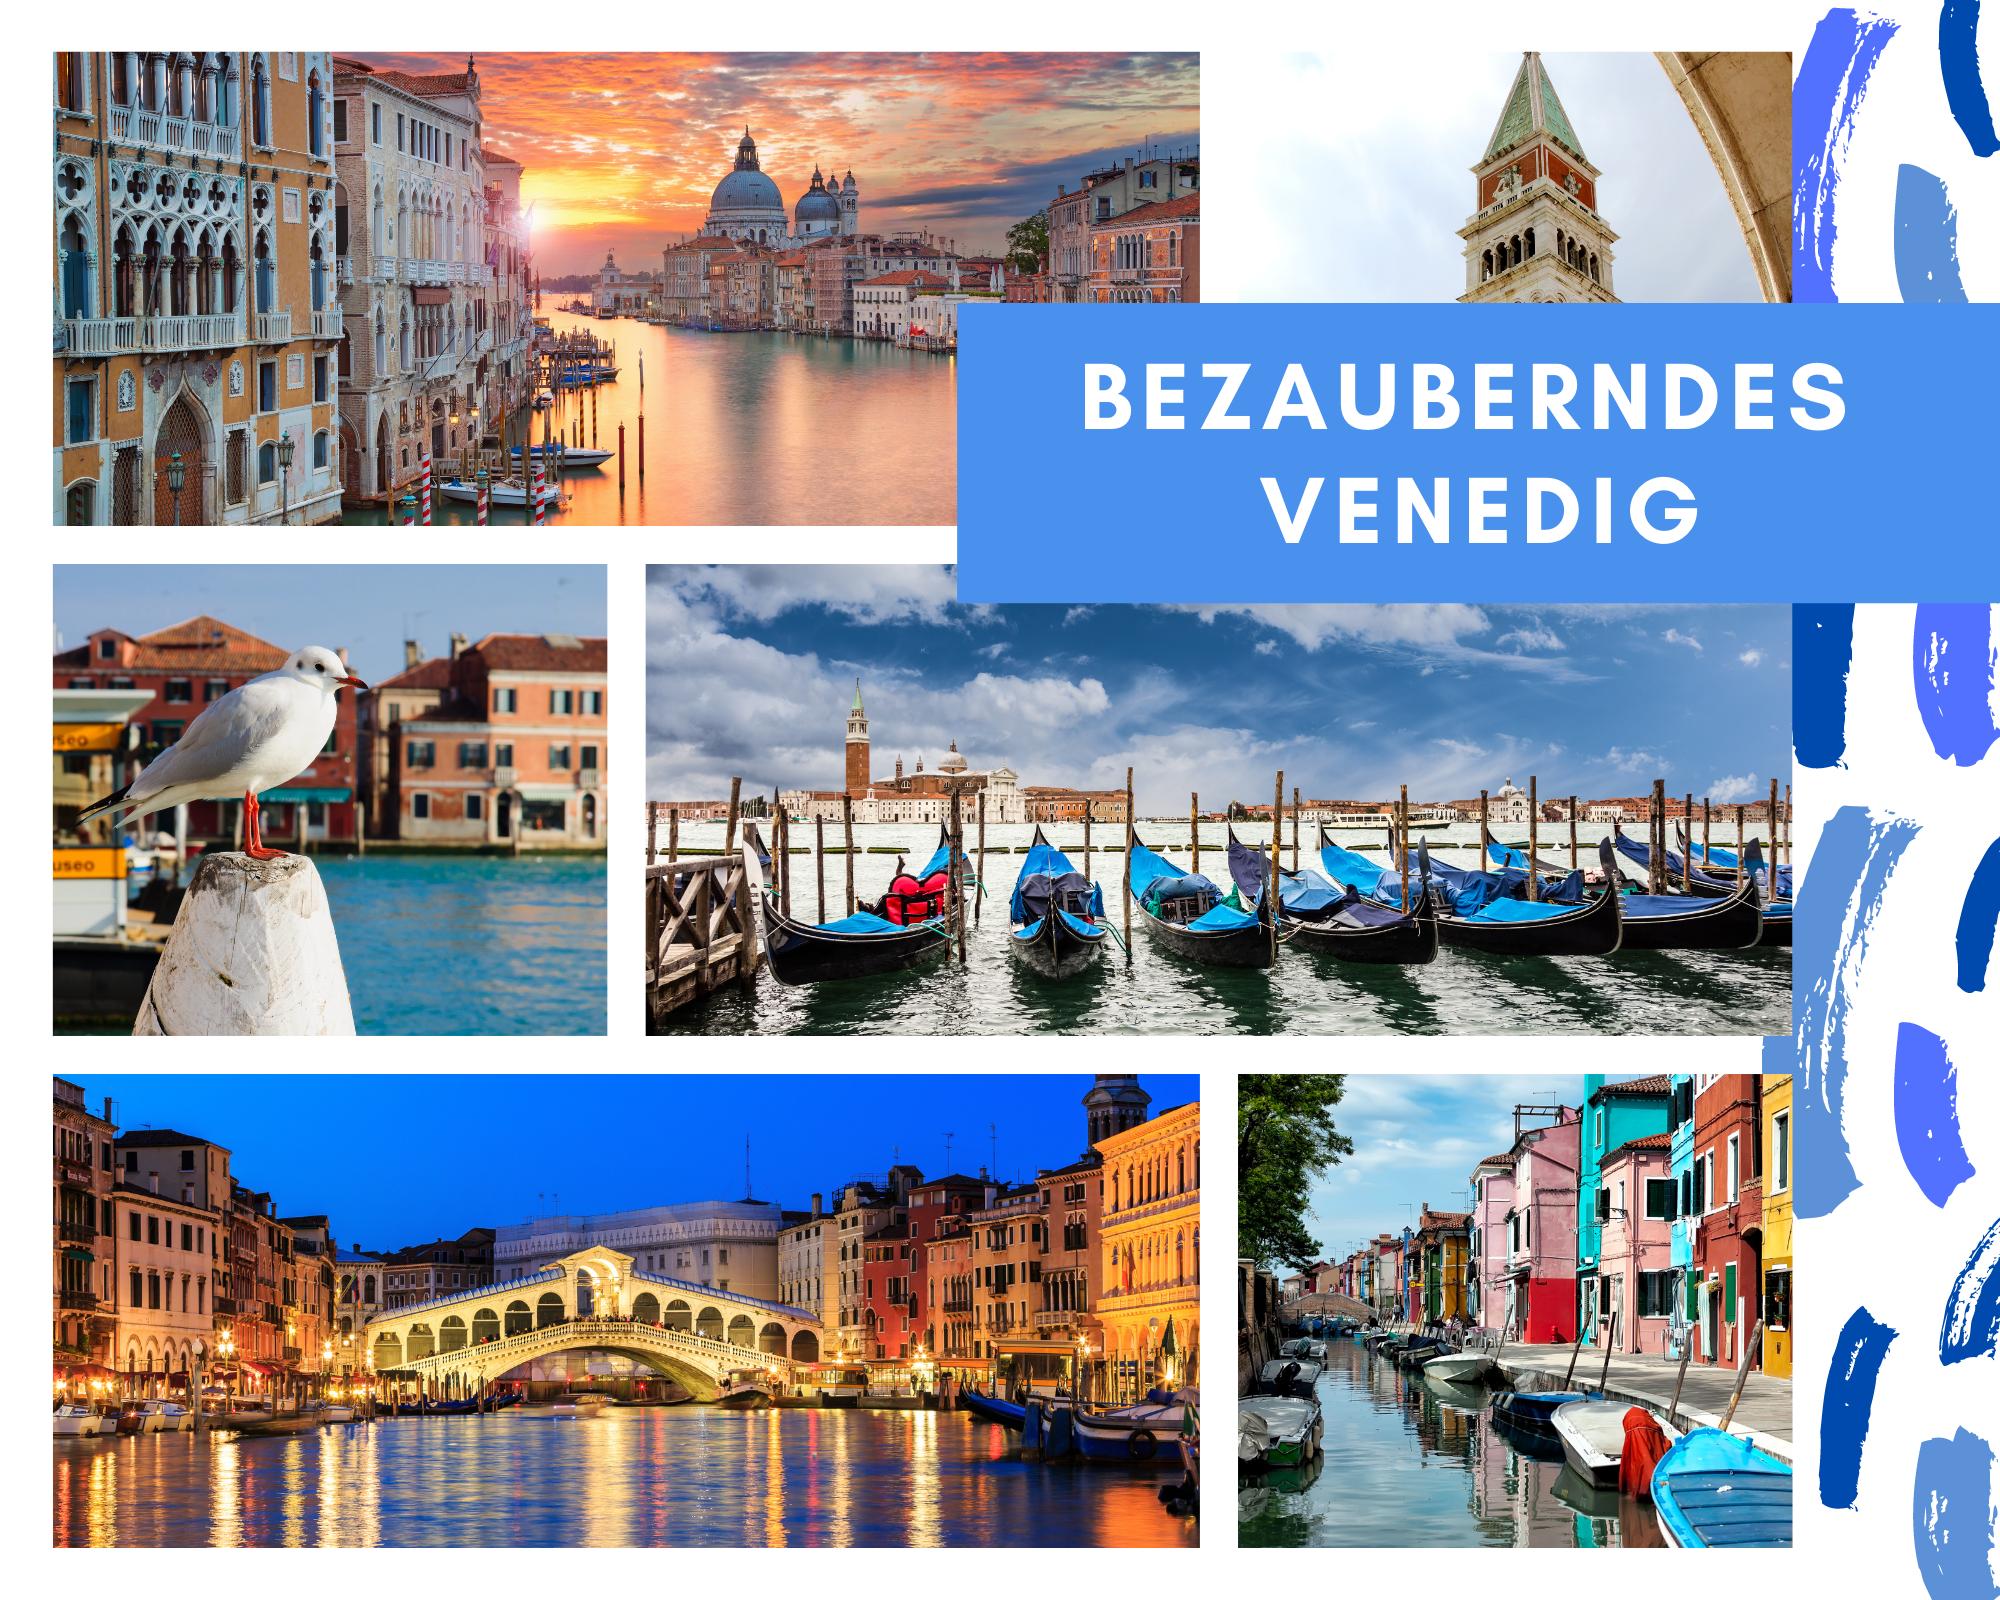 Bezauberndes Venedig - azurblaue Adria! Verona - Italienische Adria - Lido di Jesolo - Lagune von Venedig vom 07.09.-14.09.2021